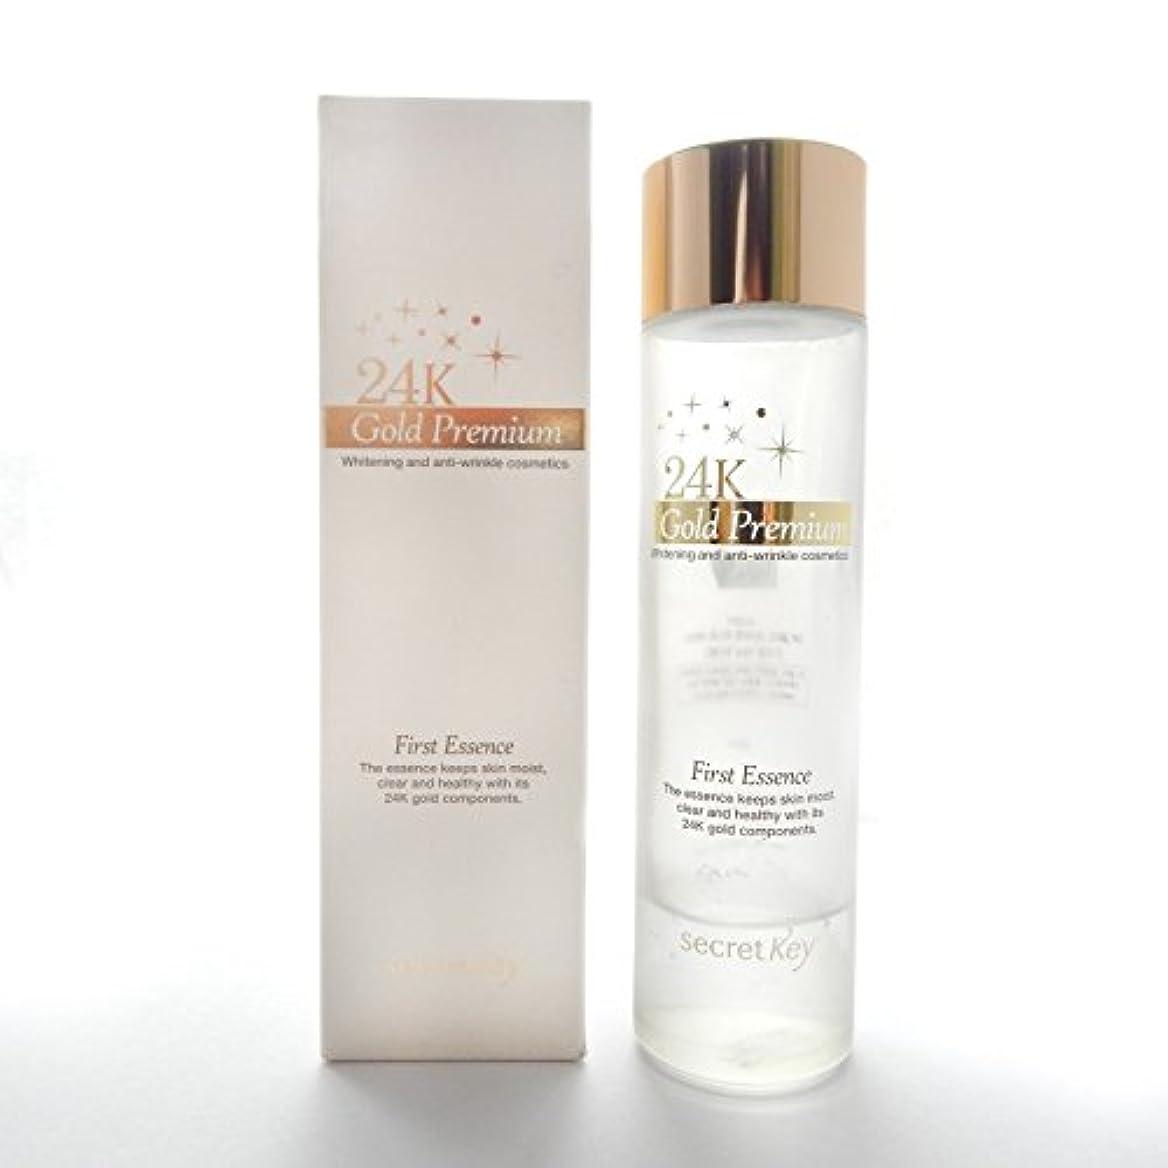 金曜日クレーター送金Secret key 24K Gold Premium First Essence/100% Authentic Korea Cosmetic